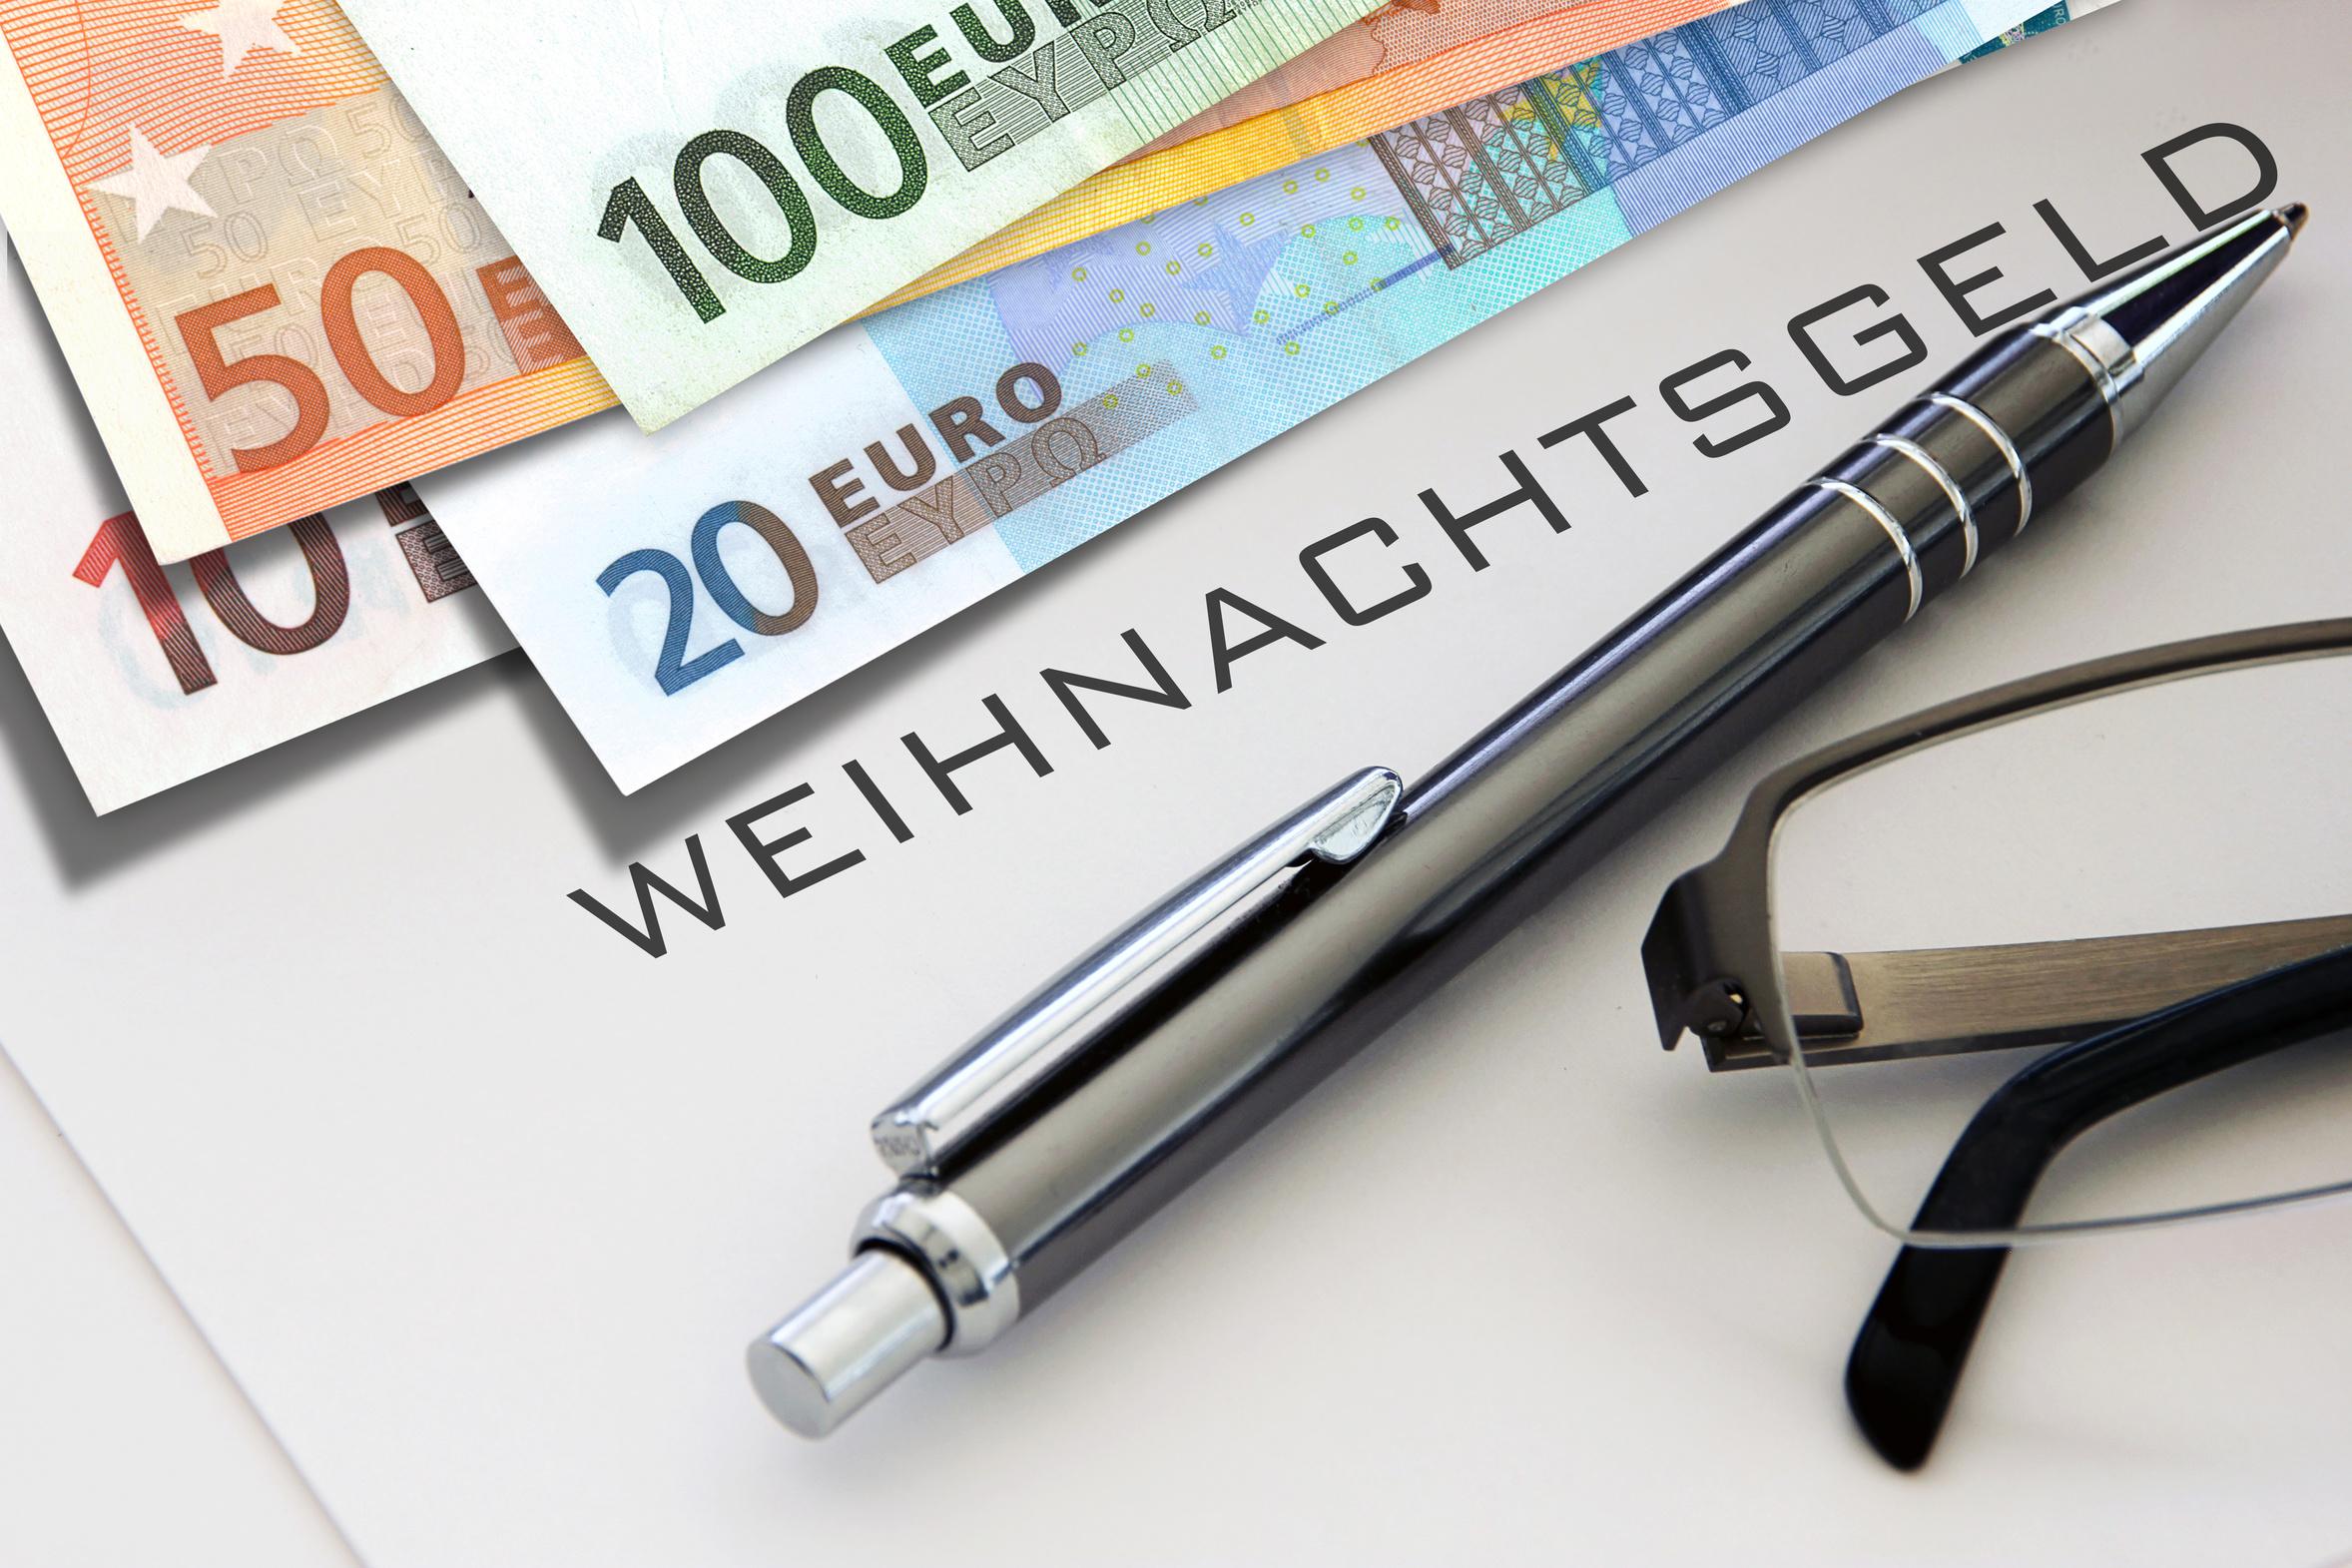 Rechtsanwalt Für Arbeitsrecht In Köln Kanzlei Hasselbach